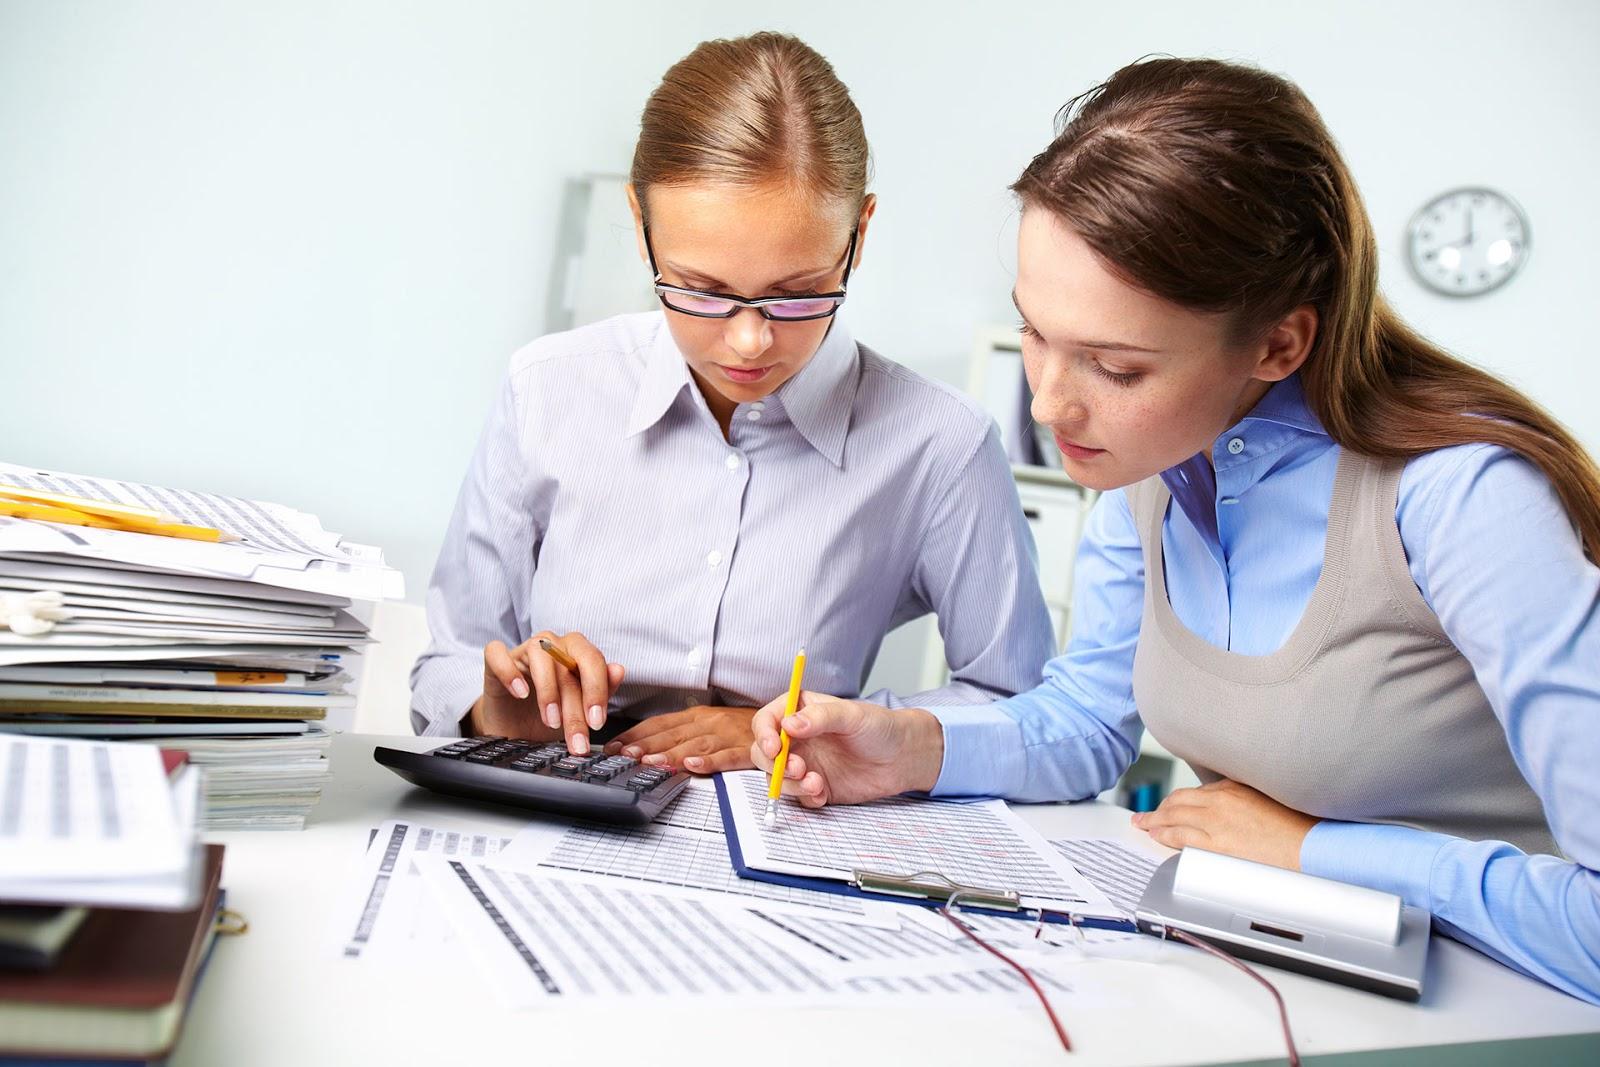 Auxiliar Administrativo y Atención al Cliente